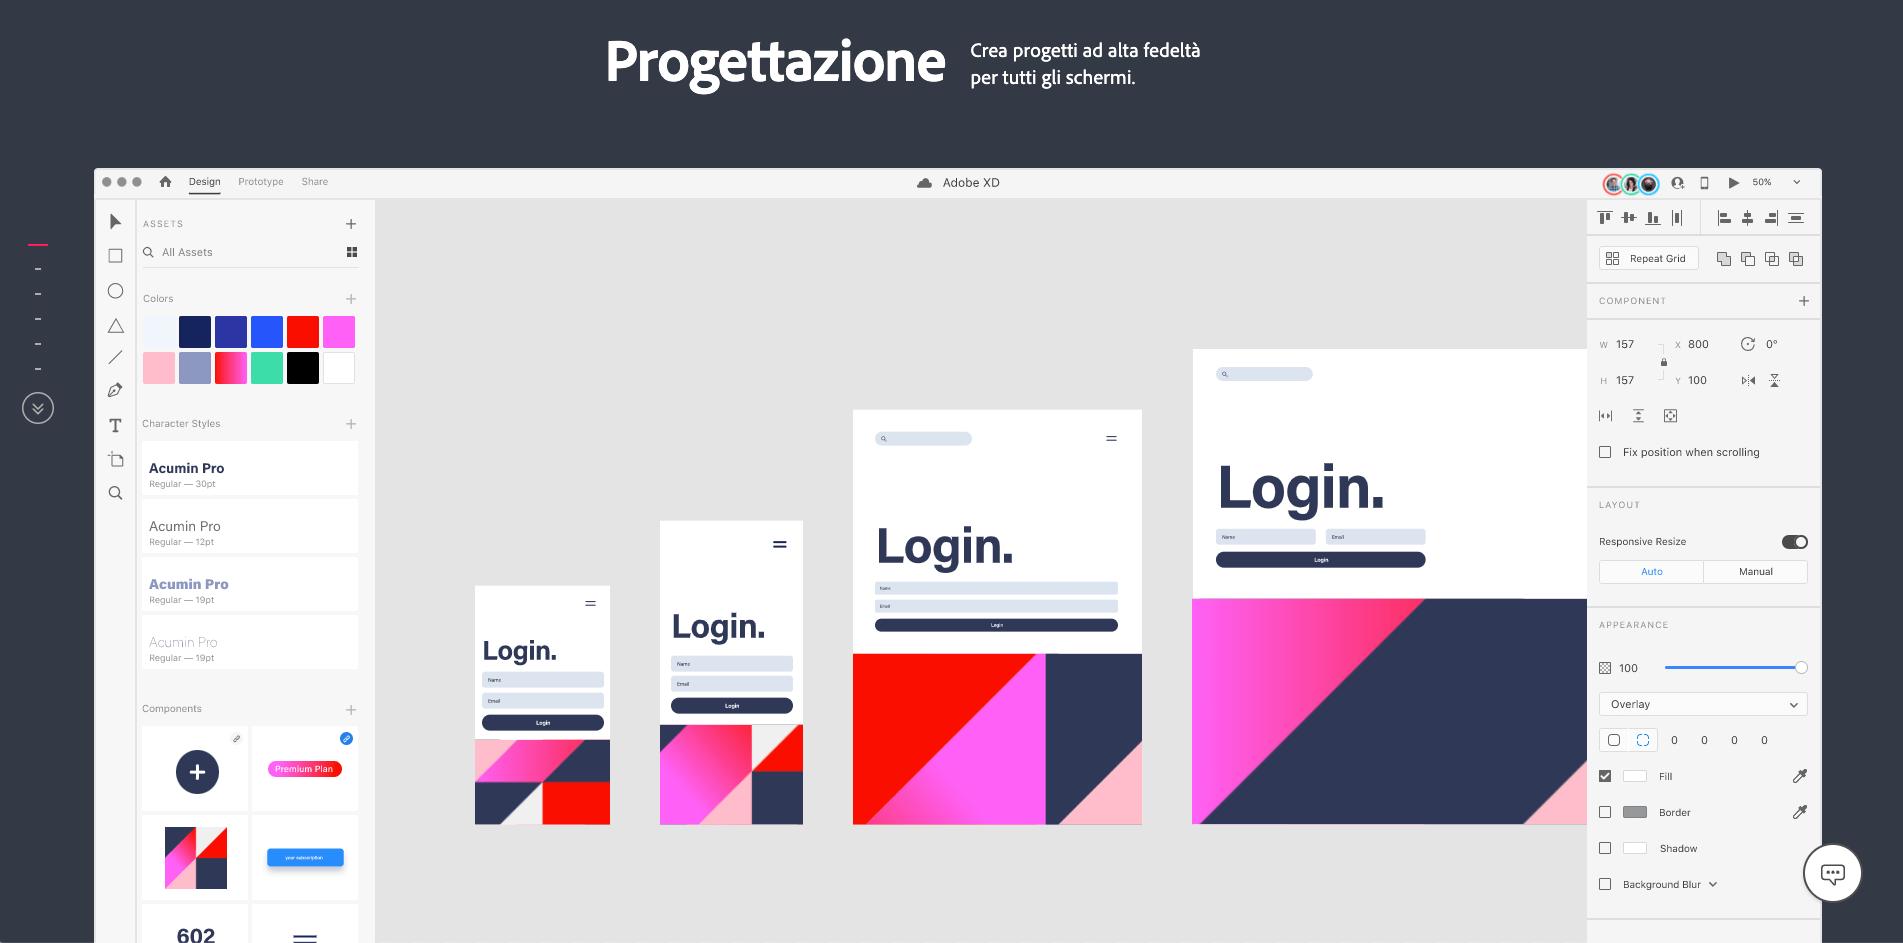 Adobe XD - Co-design